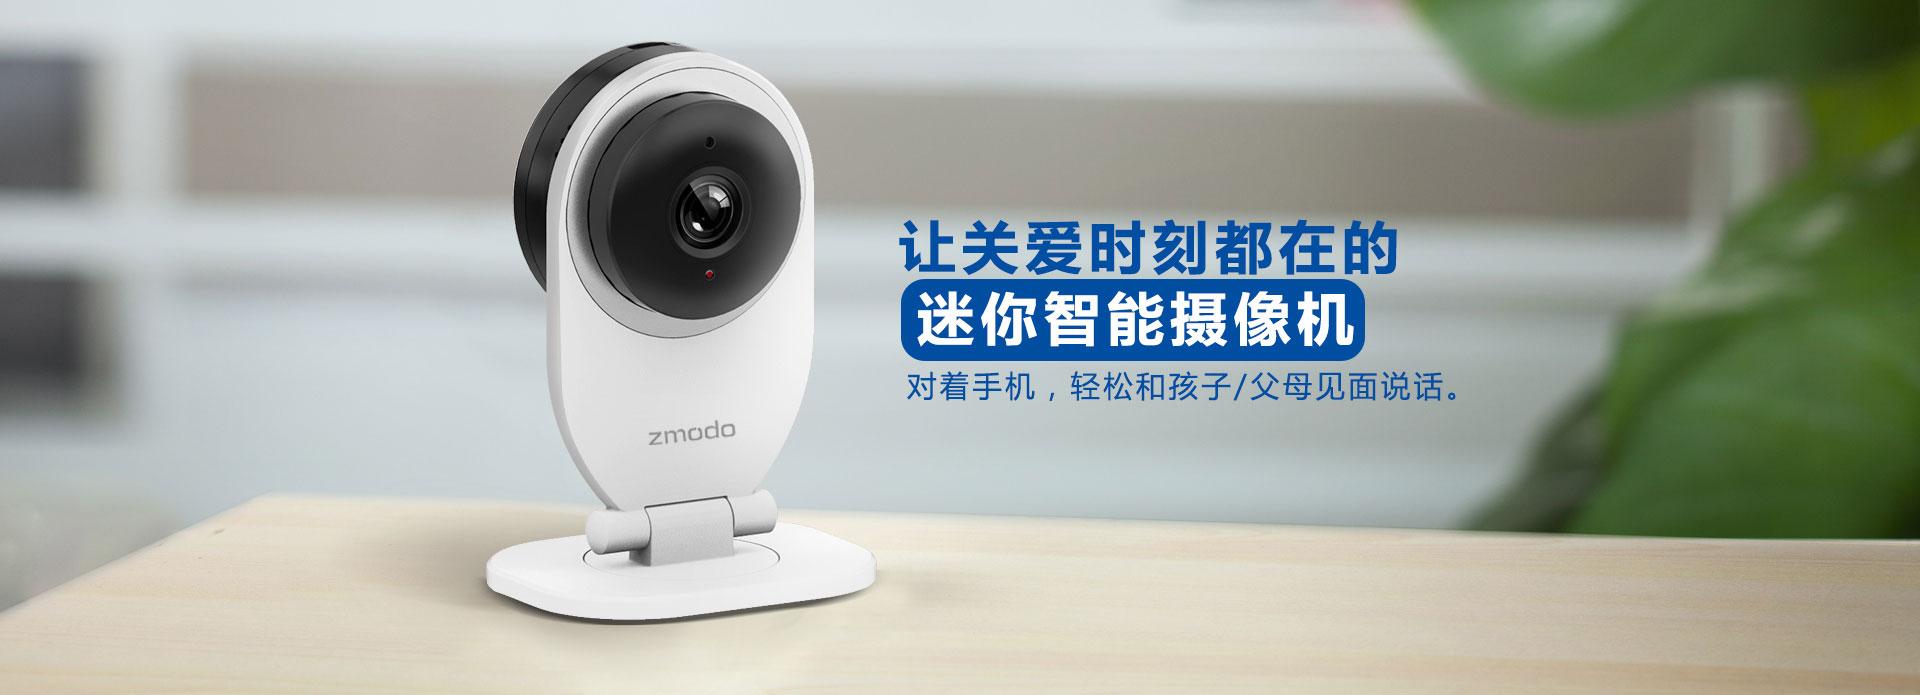 智美达智能摄像机